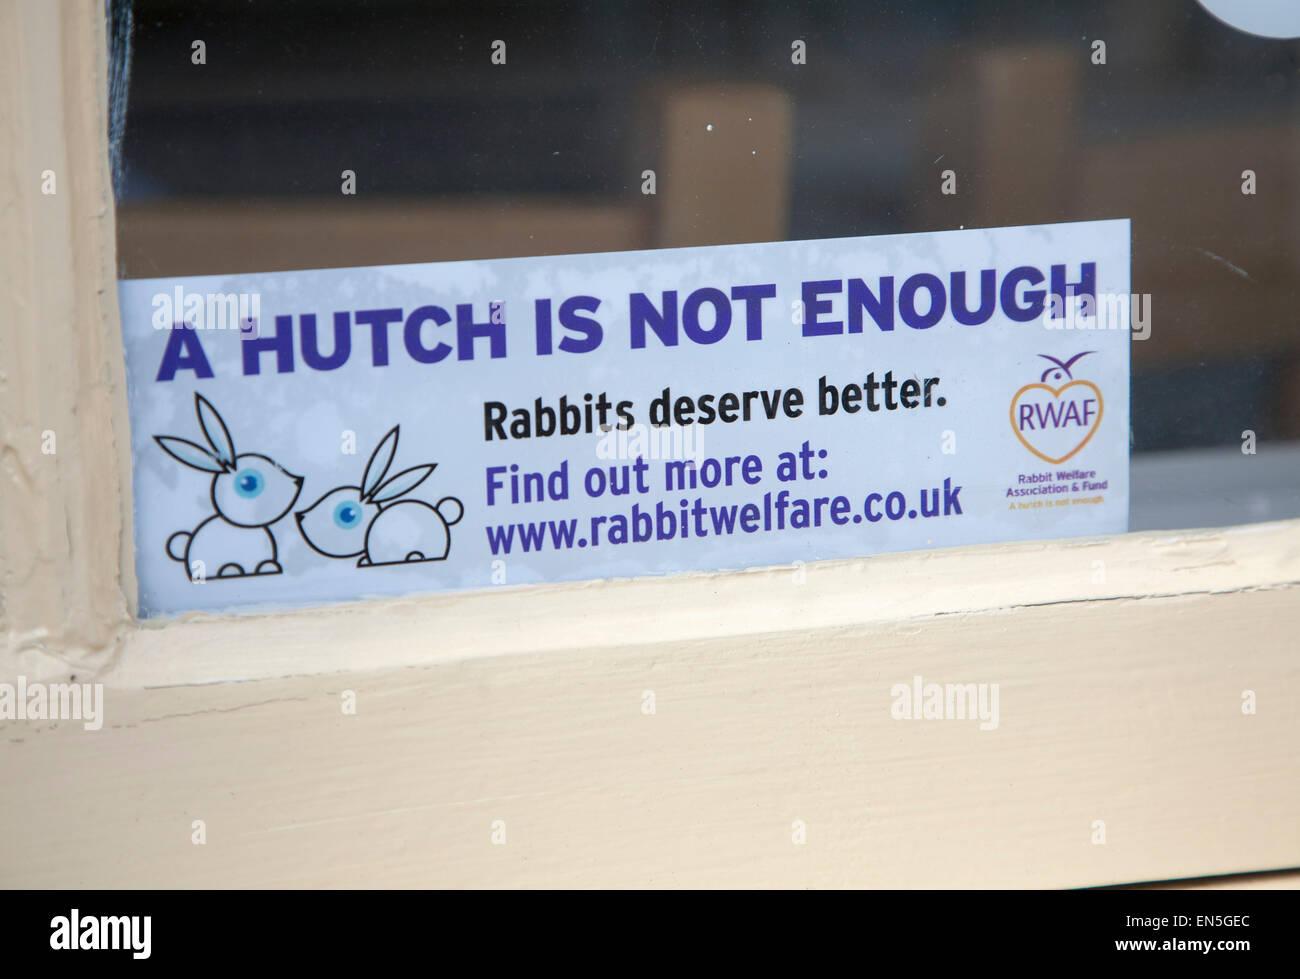 """Finestra di accesso a dire 'un hutch non è sufficiente - Conigli meritano di meglio"""", coniglio benessere, Immagini Stock"""